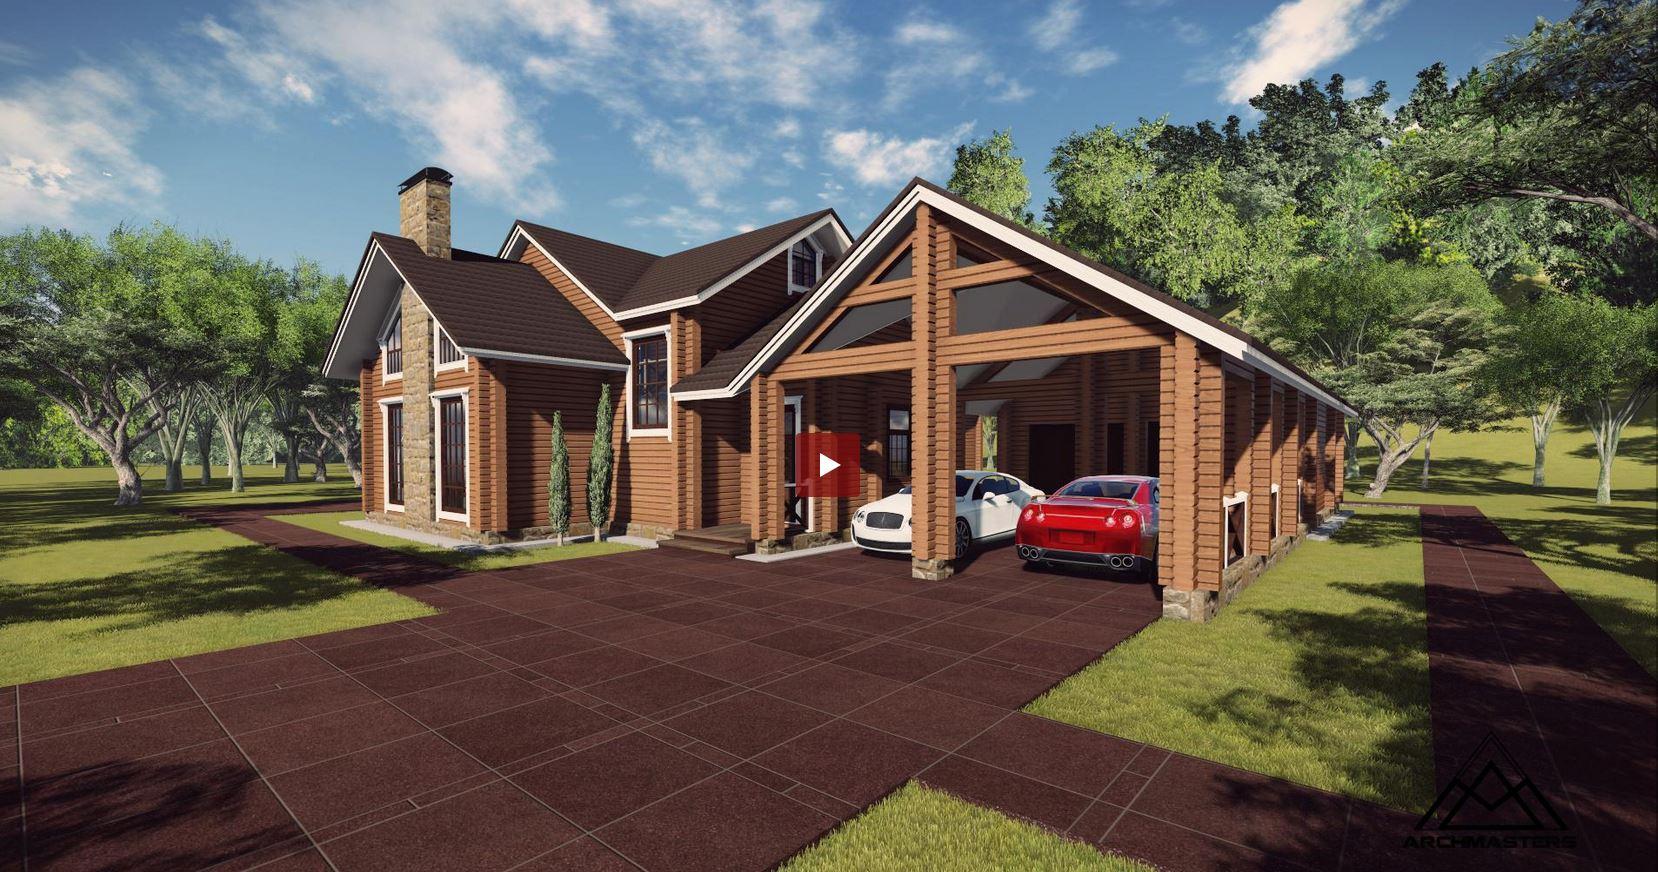 Проектирование коттеджей в Новосибирске - проект дачного дома в комплексе с баней и гаражом